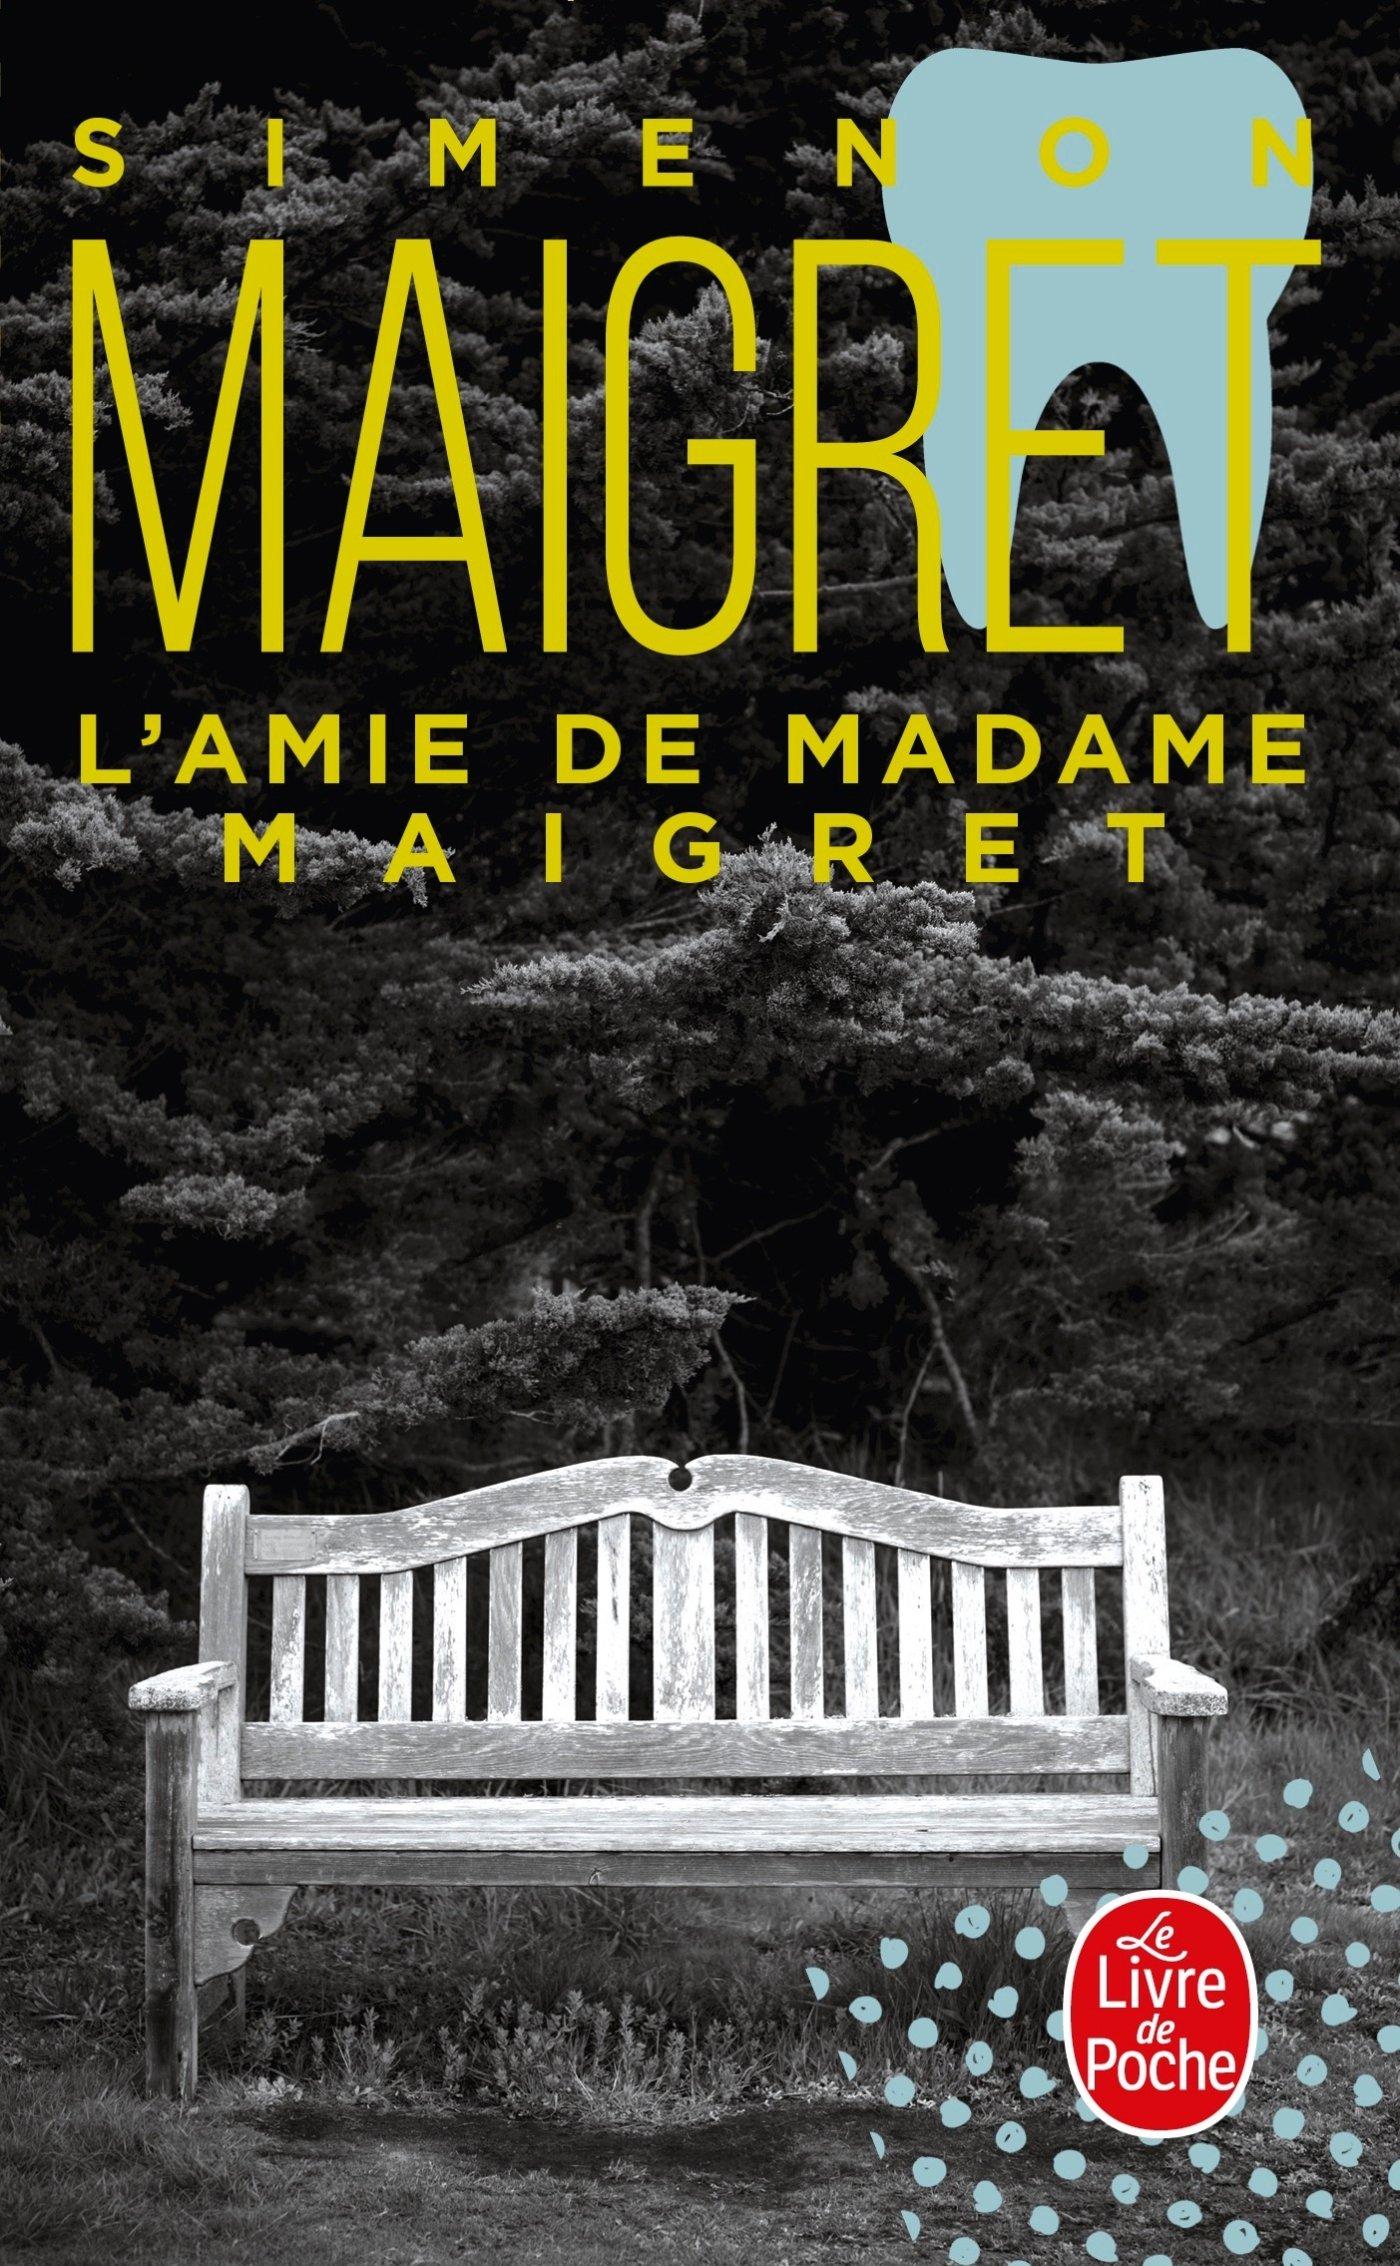 L'Amie De Madame Maigret (Le Livre de Poche) (French Edition) by Brand: Hachette